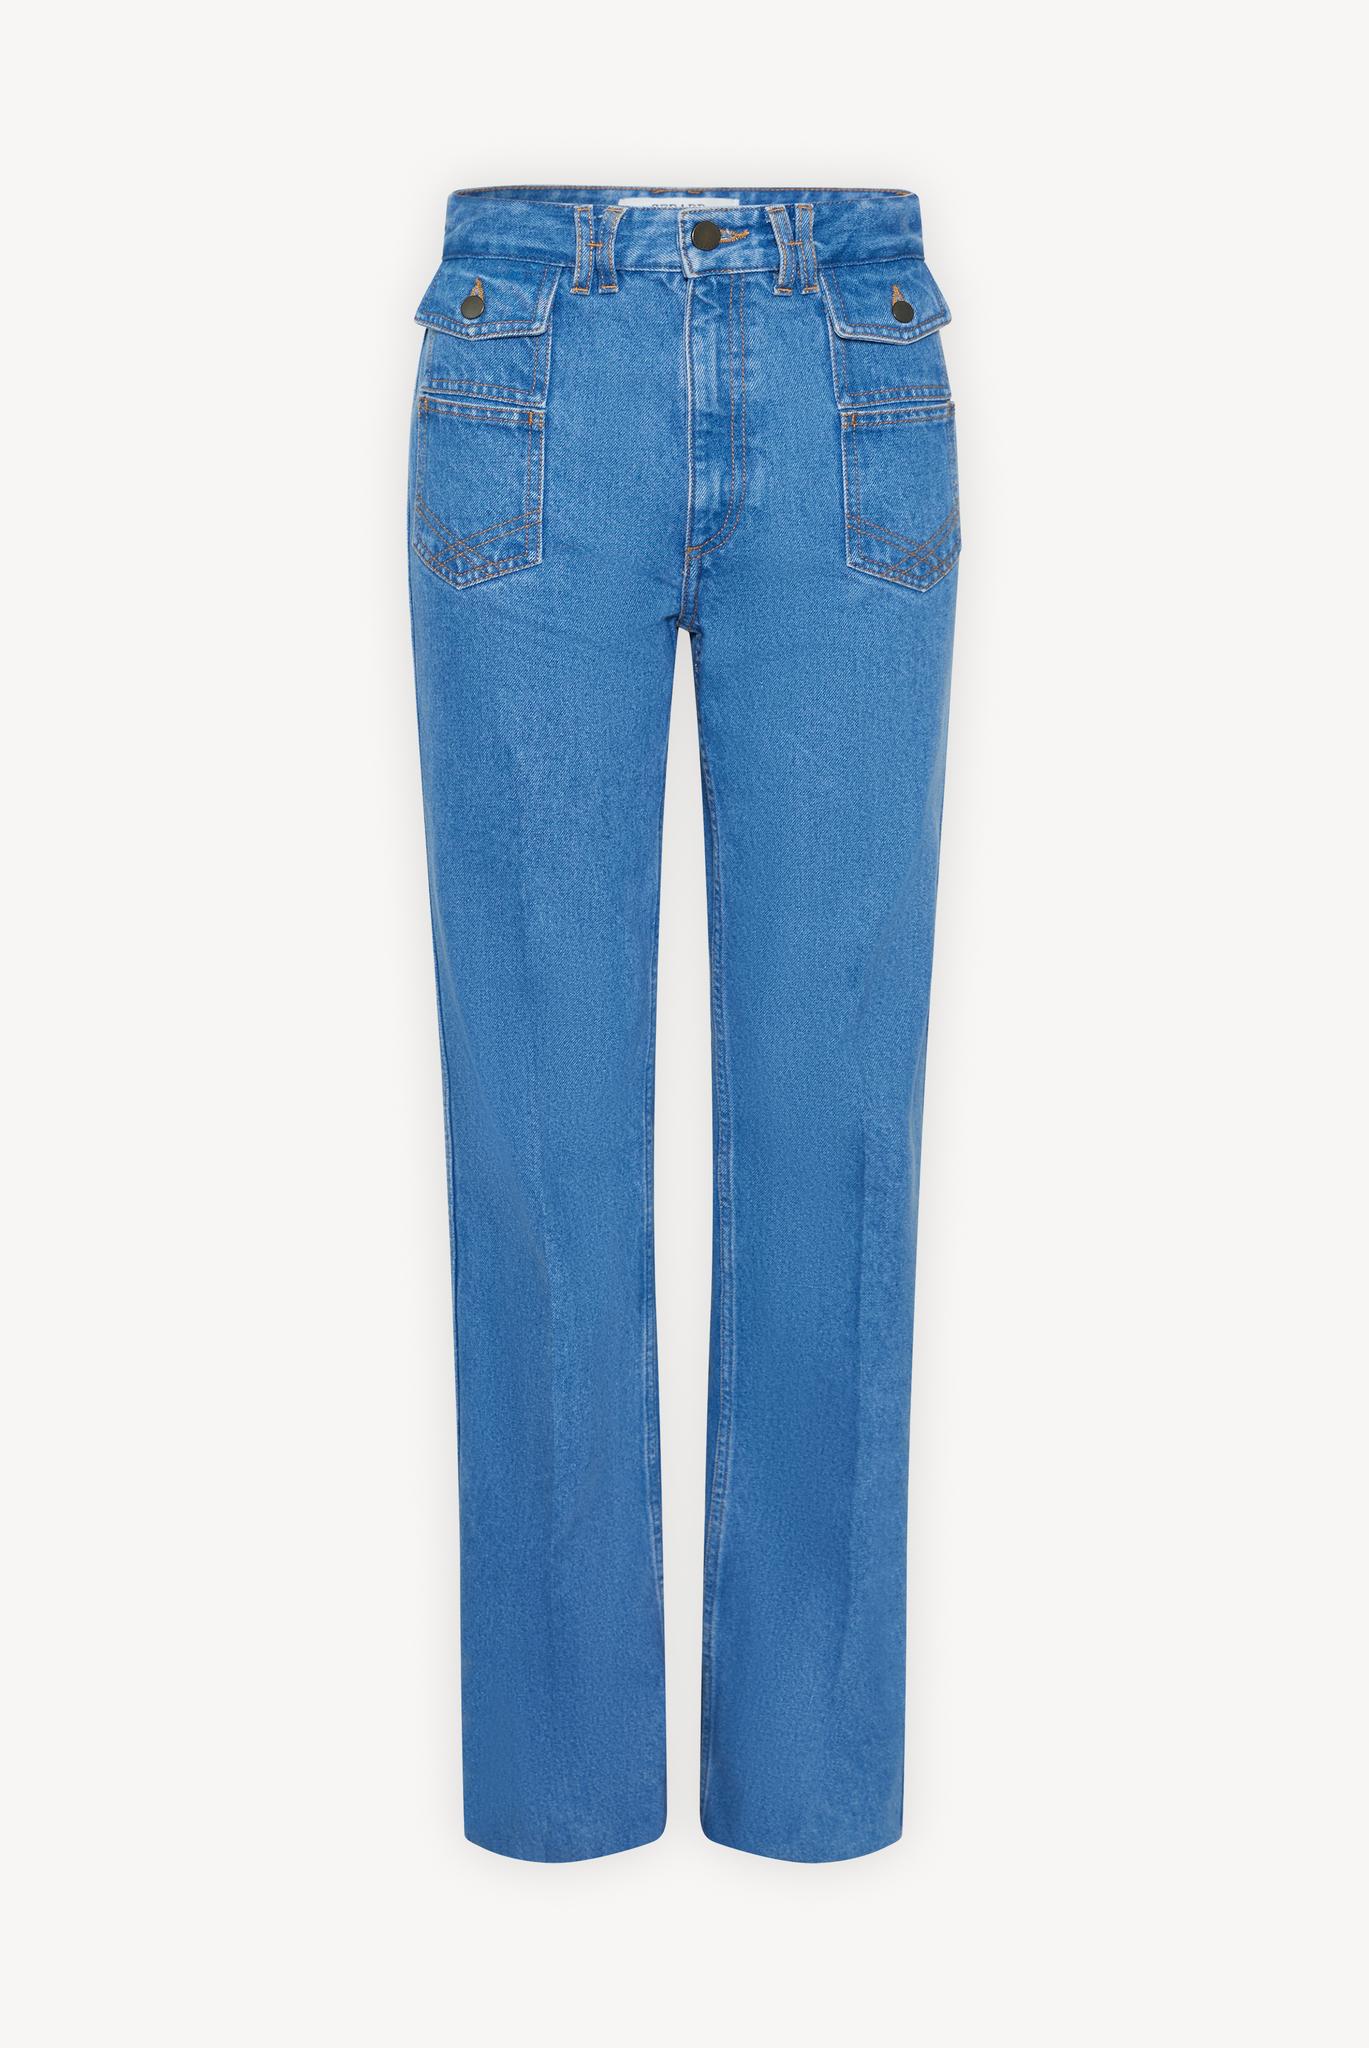 AVA - Прямые джинсы с оригинальными карманами